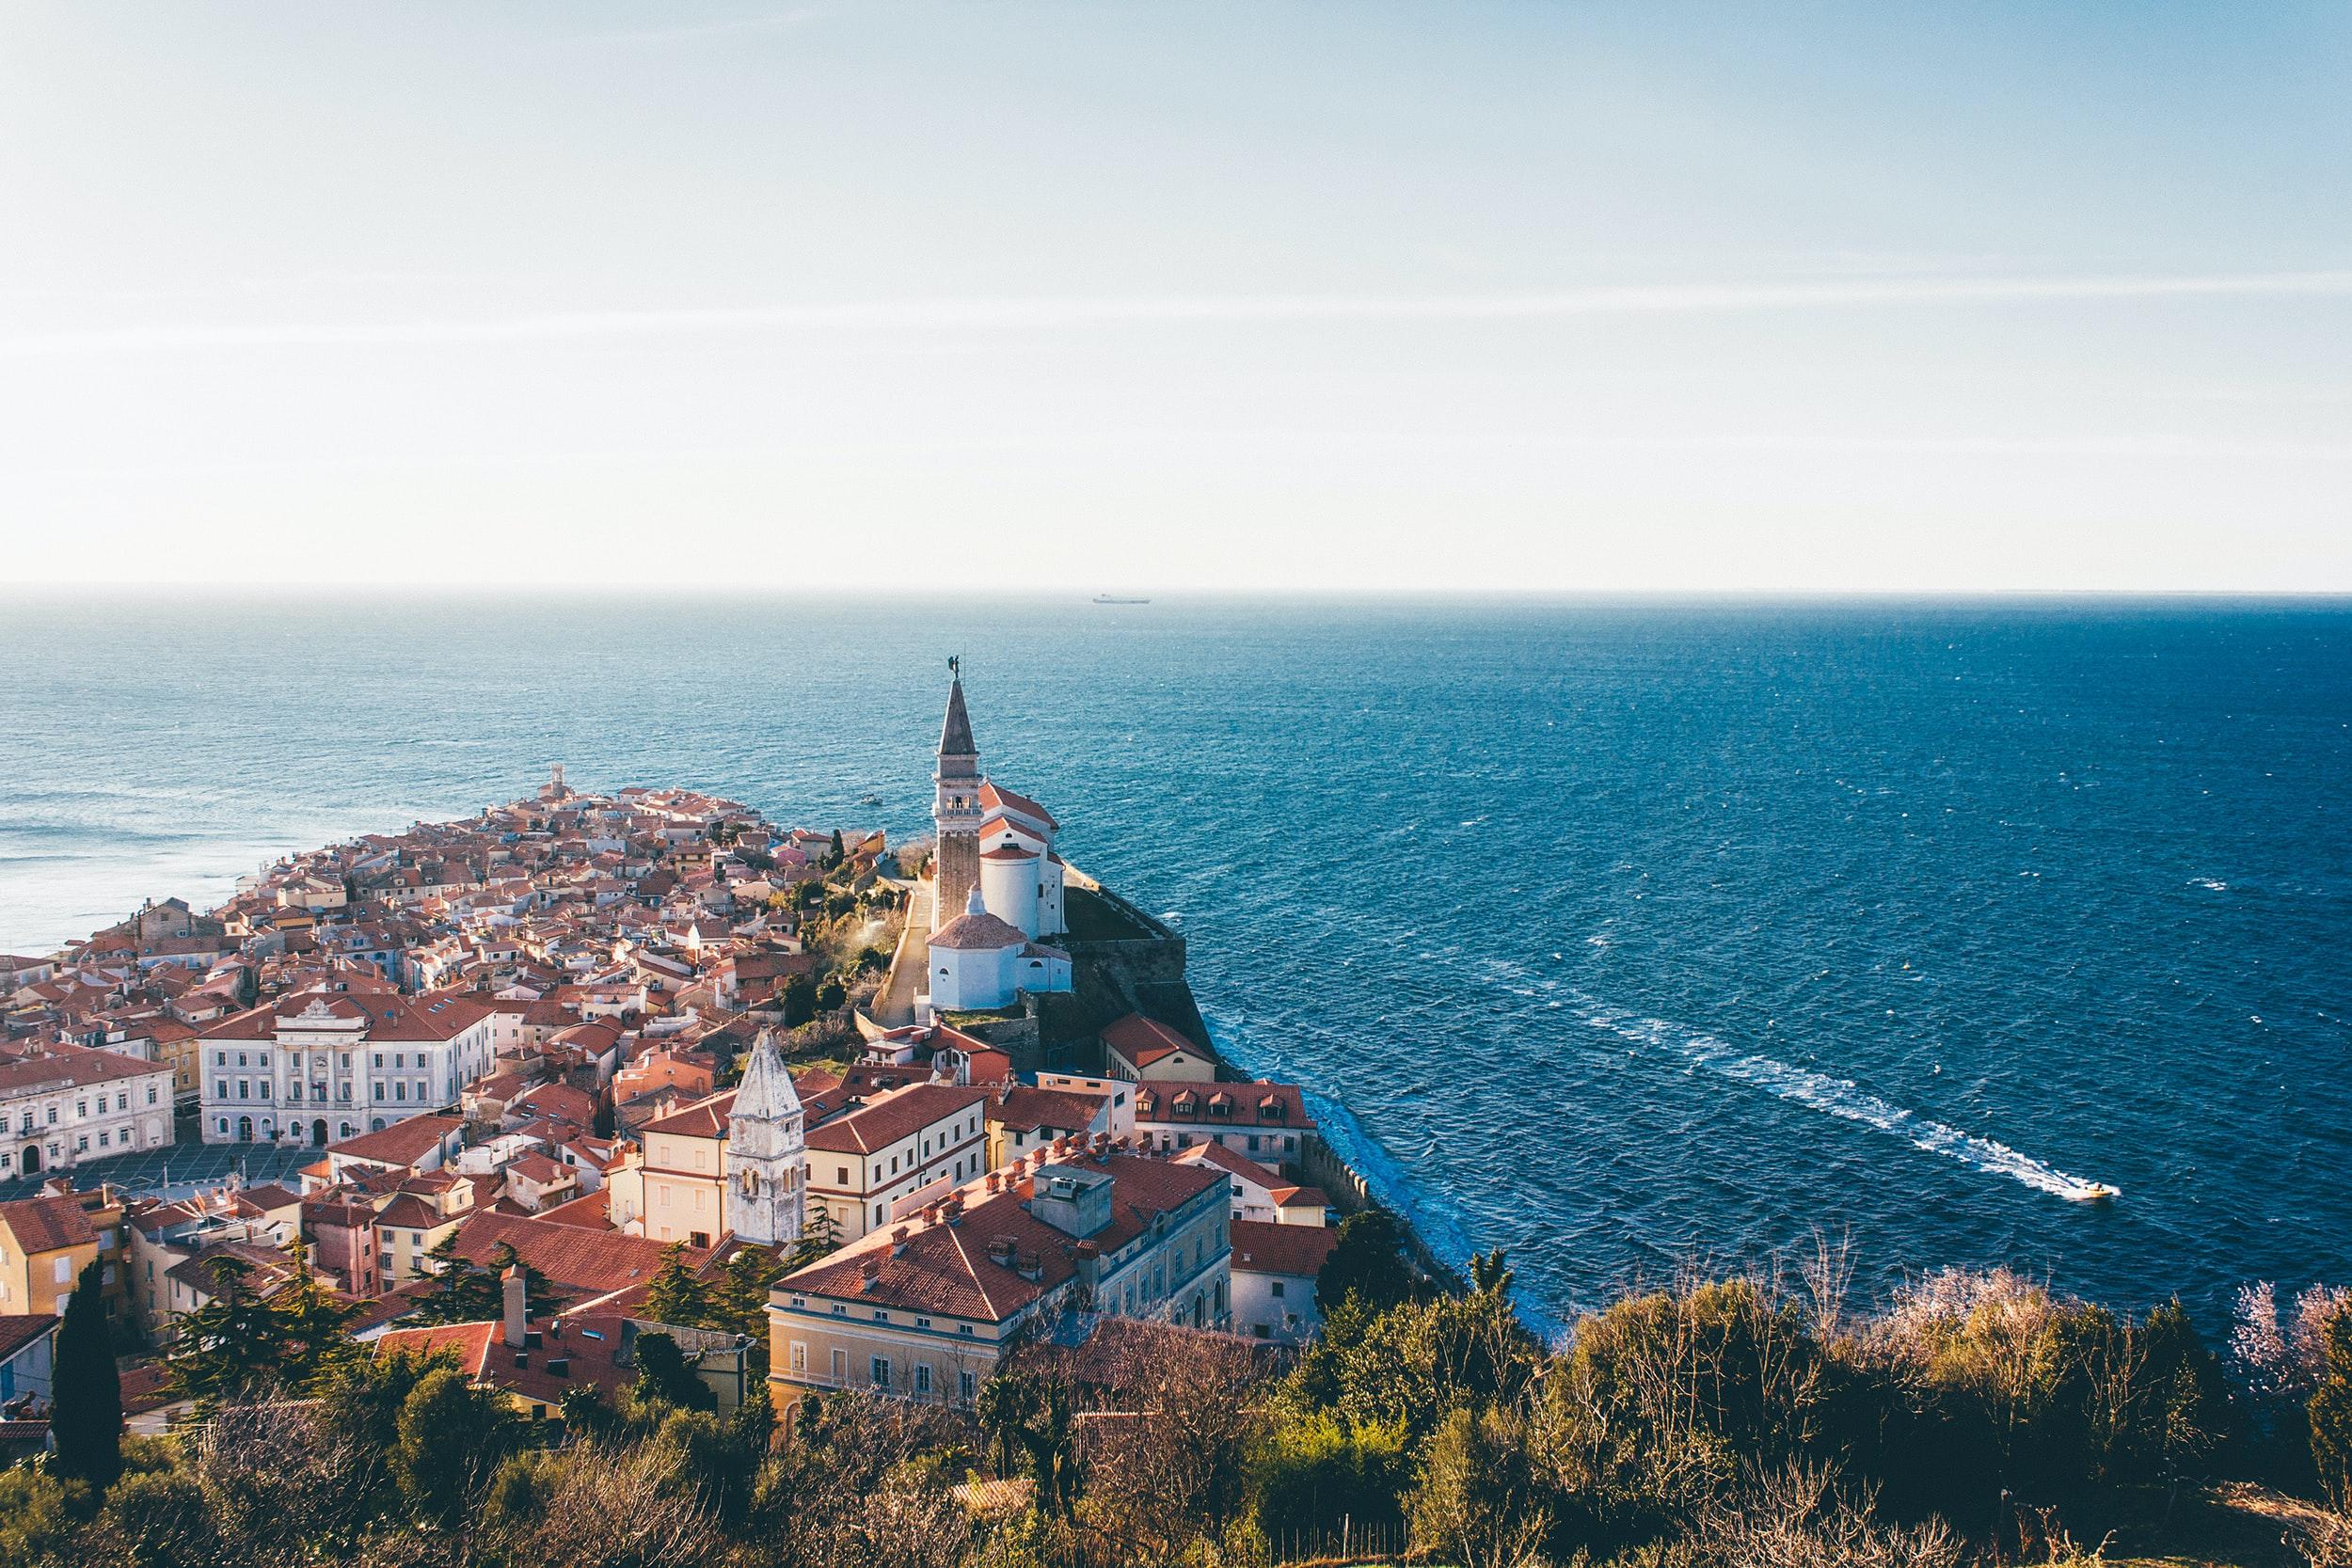 a coastal town in slovenia